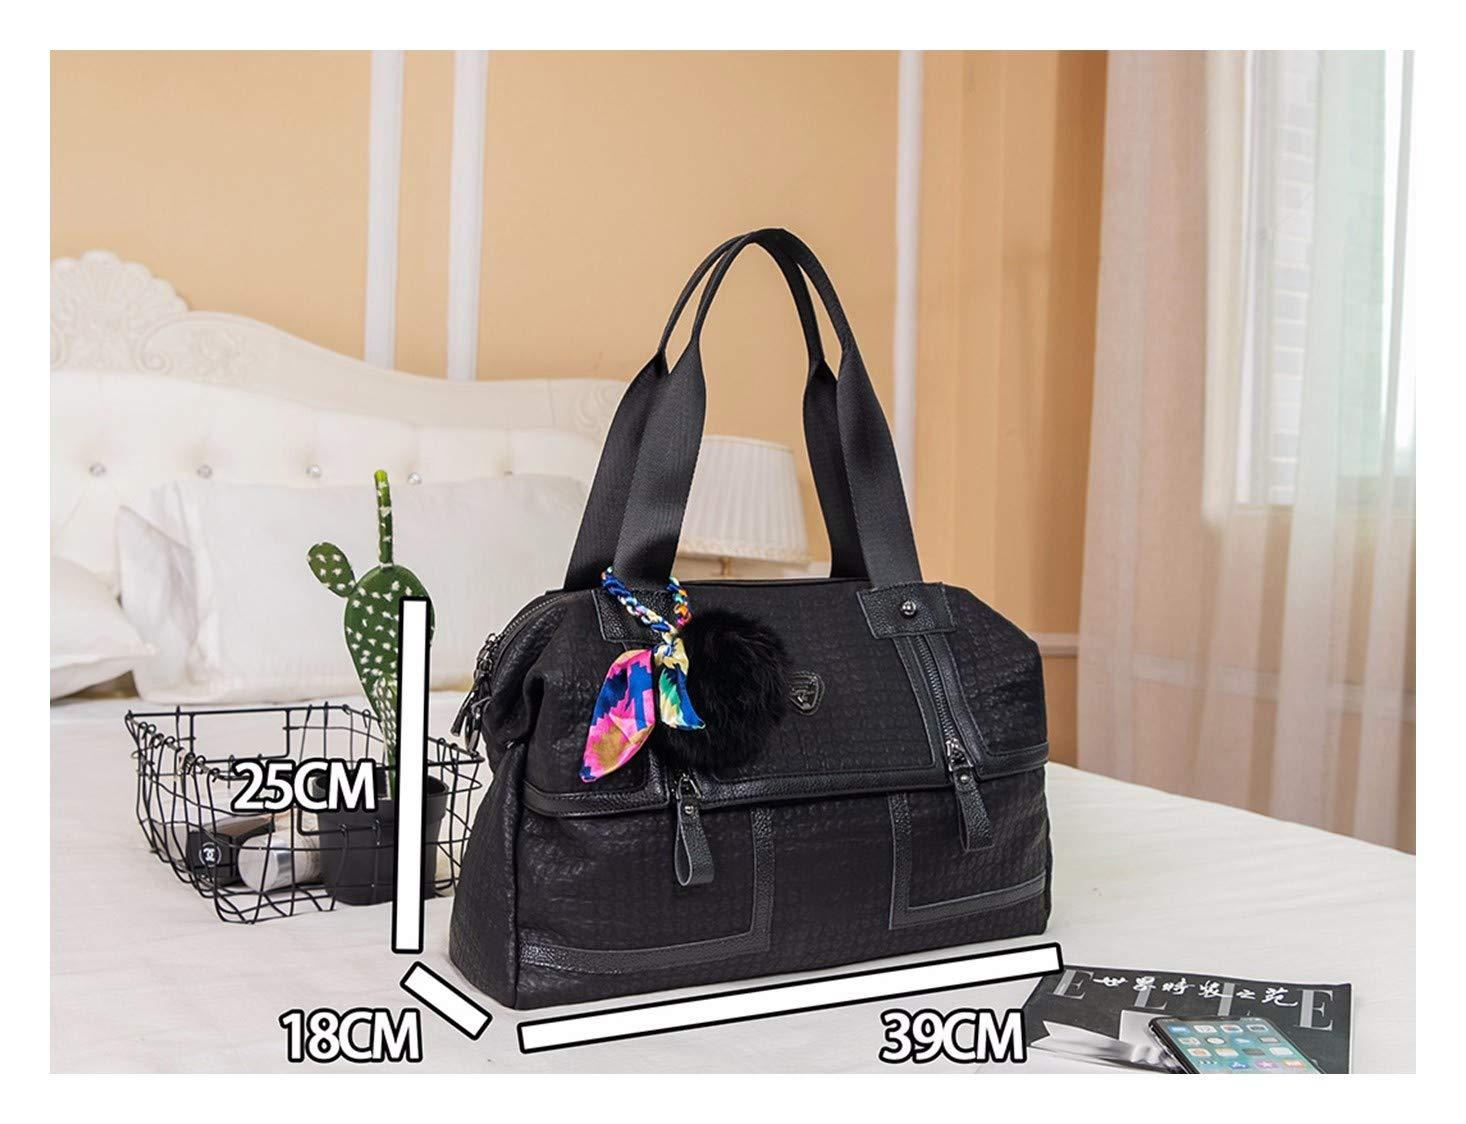 ArrJee Modische Dame Tasche Handtasche Schräg Tasche Schultertasche Weiche Oberfläche Pu Hochwertige Simple Mode Noble Retro Sweet Hohe Kapazität